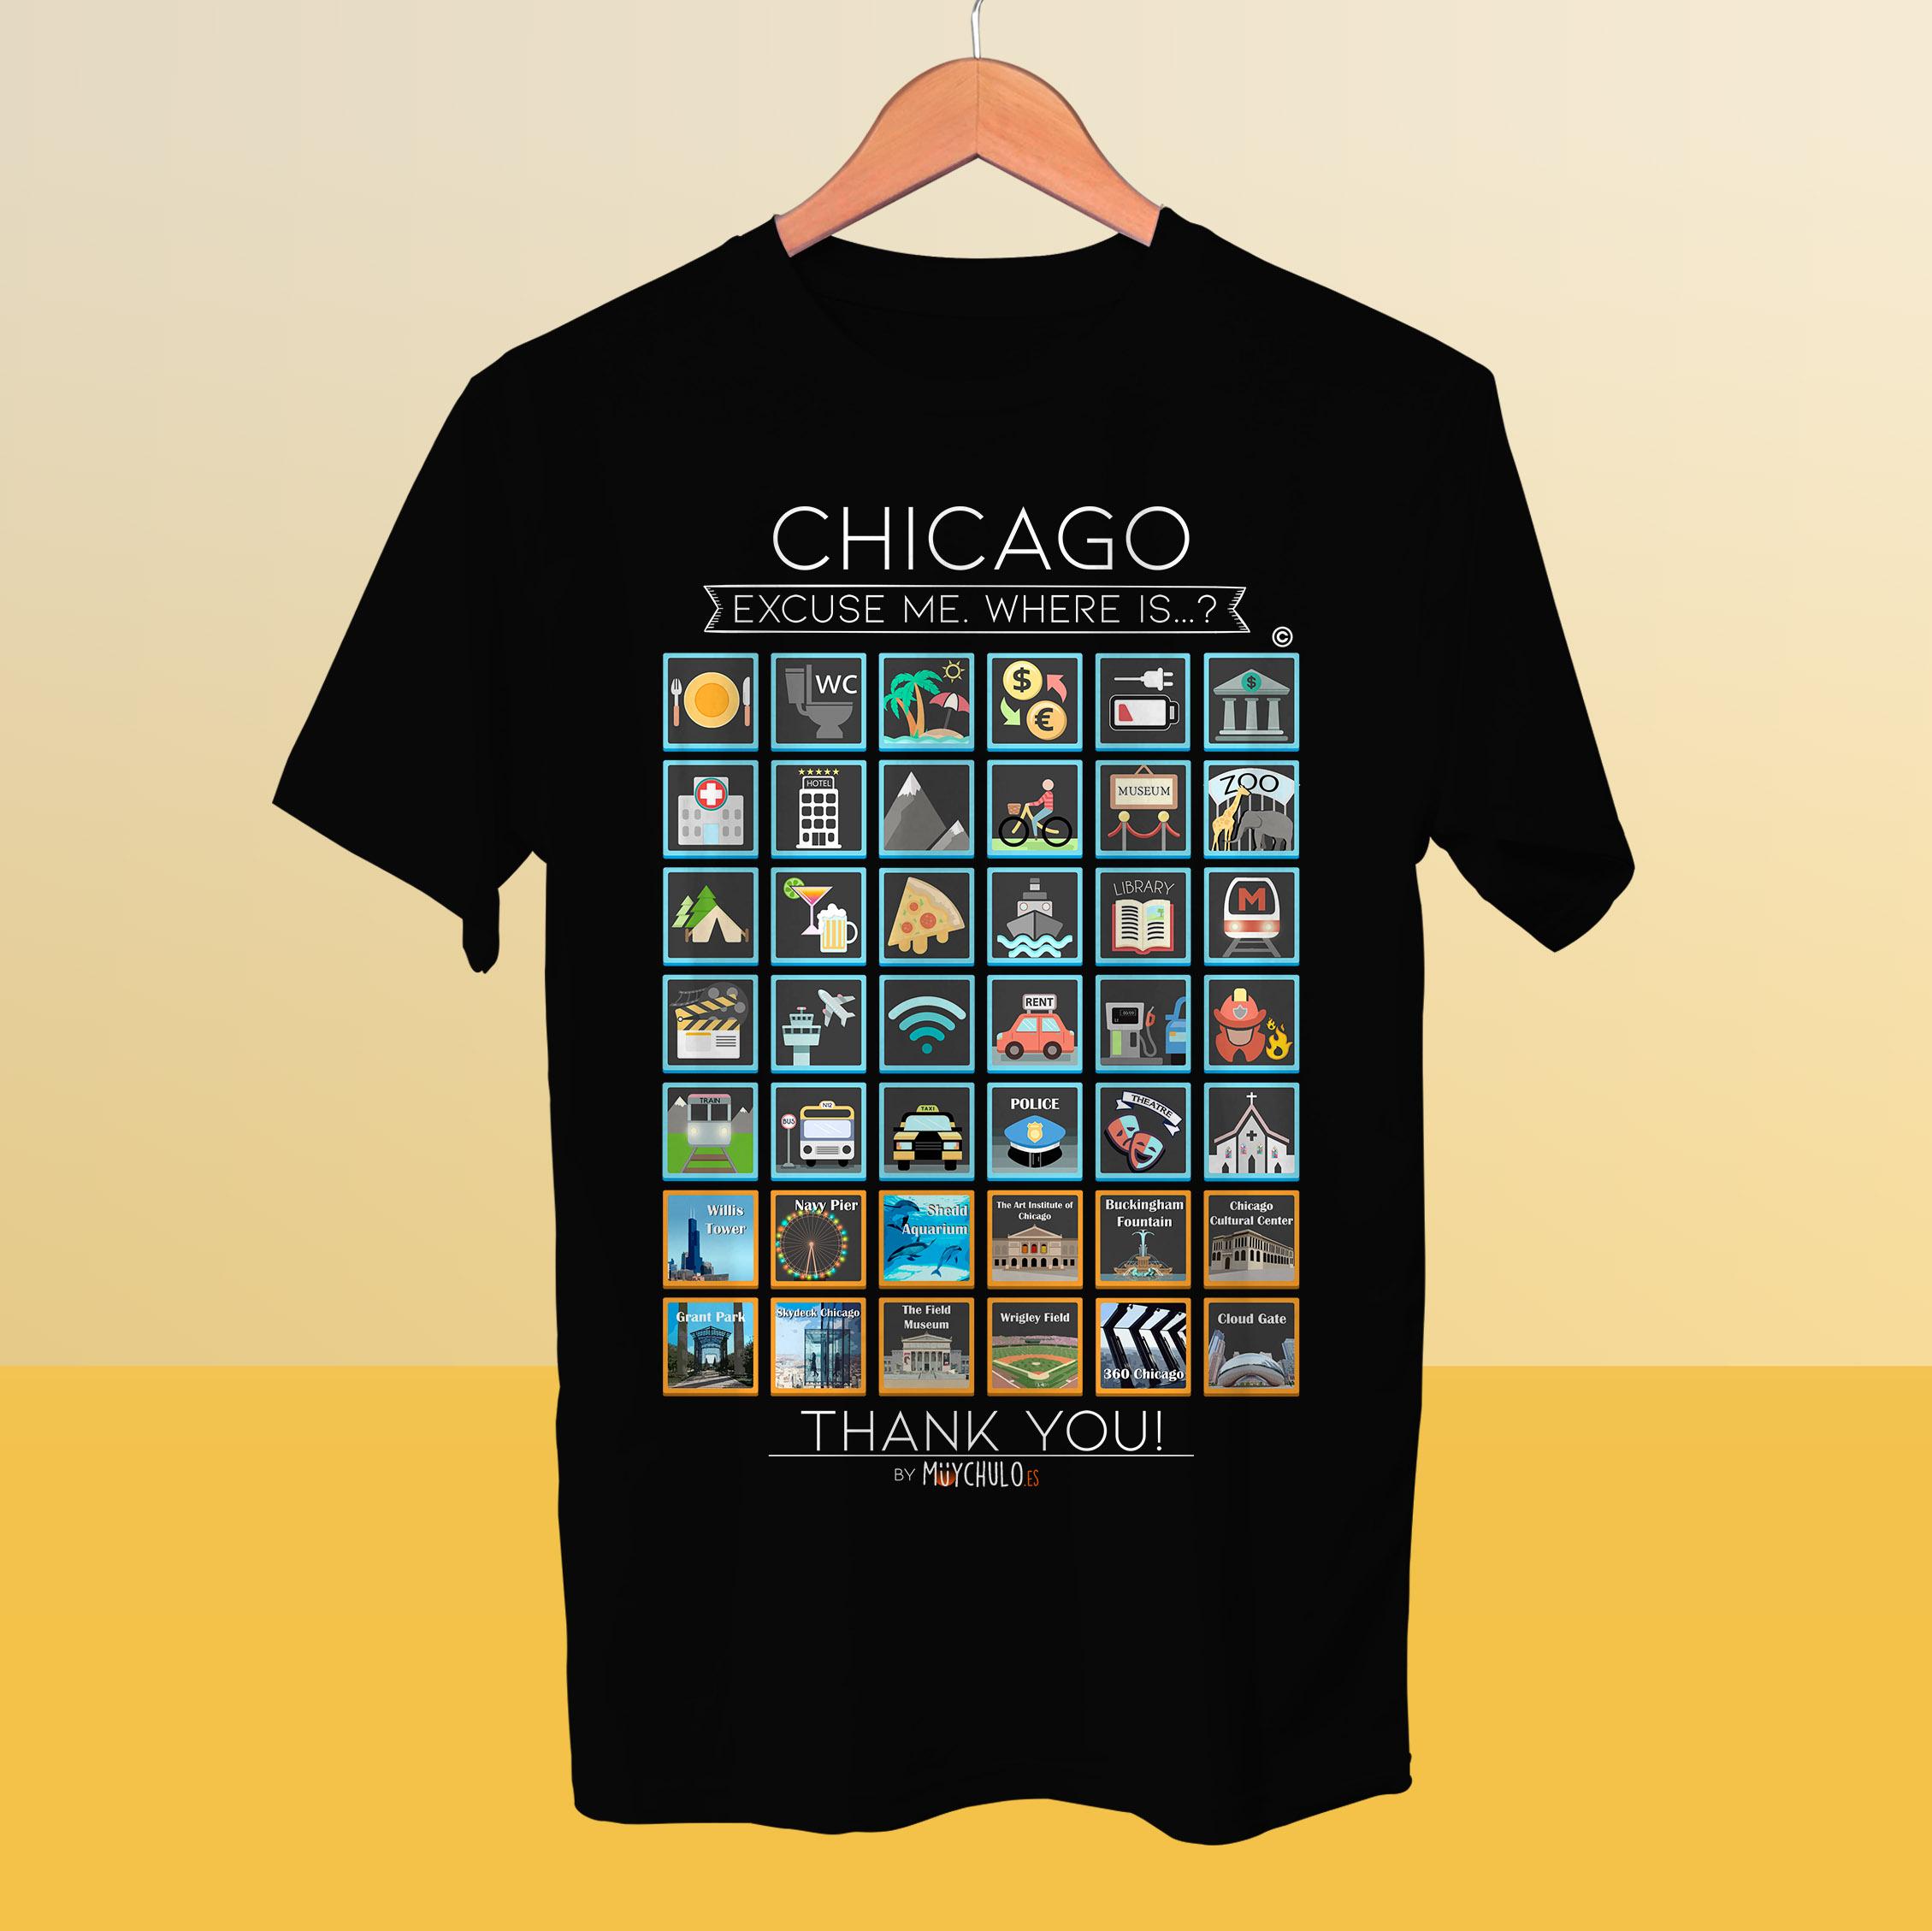 CHICAGO Camiseta Viajeros - MuyChulo Regalos Originales 6206a23bd71